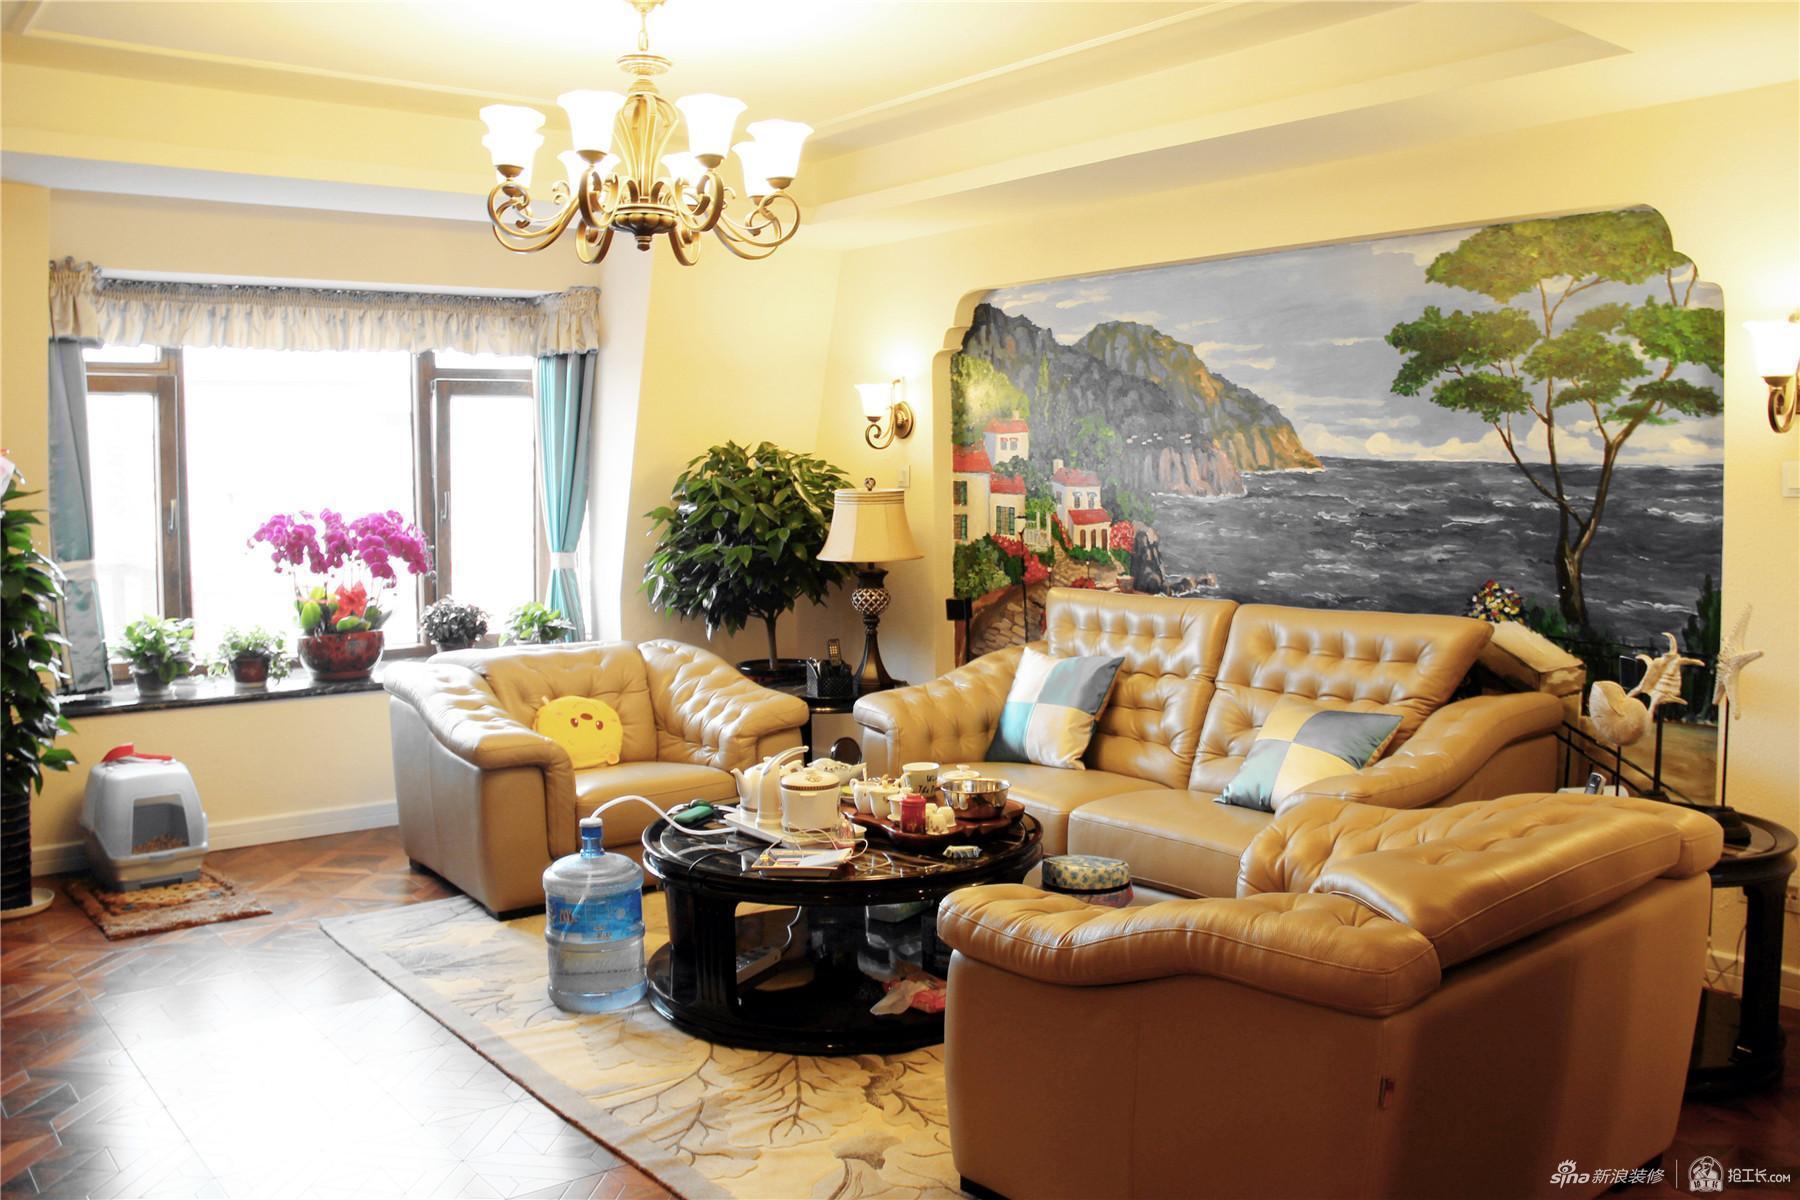 复古托斯卡纳风格四居室